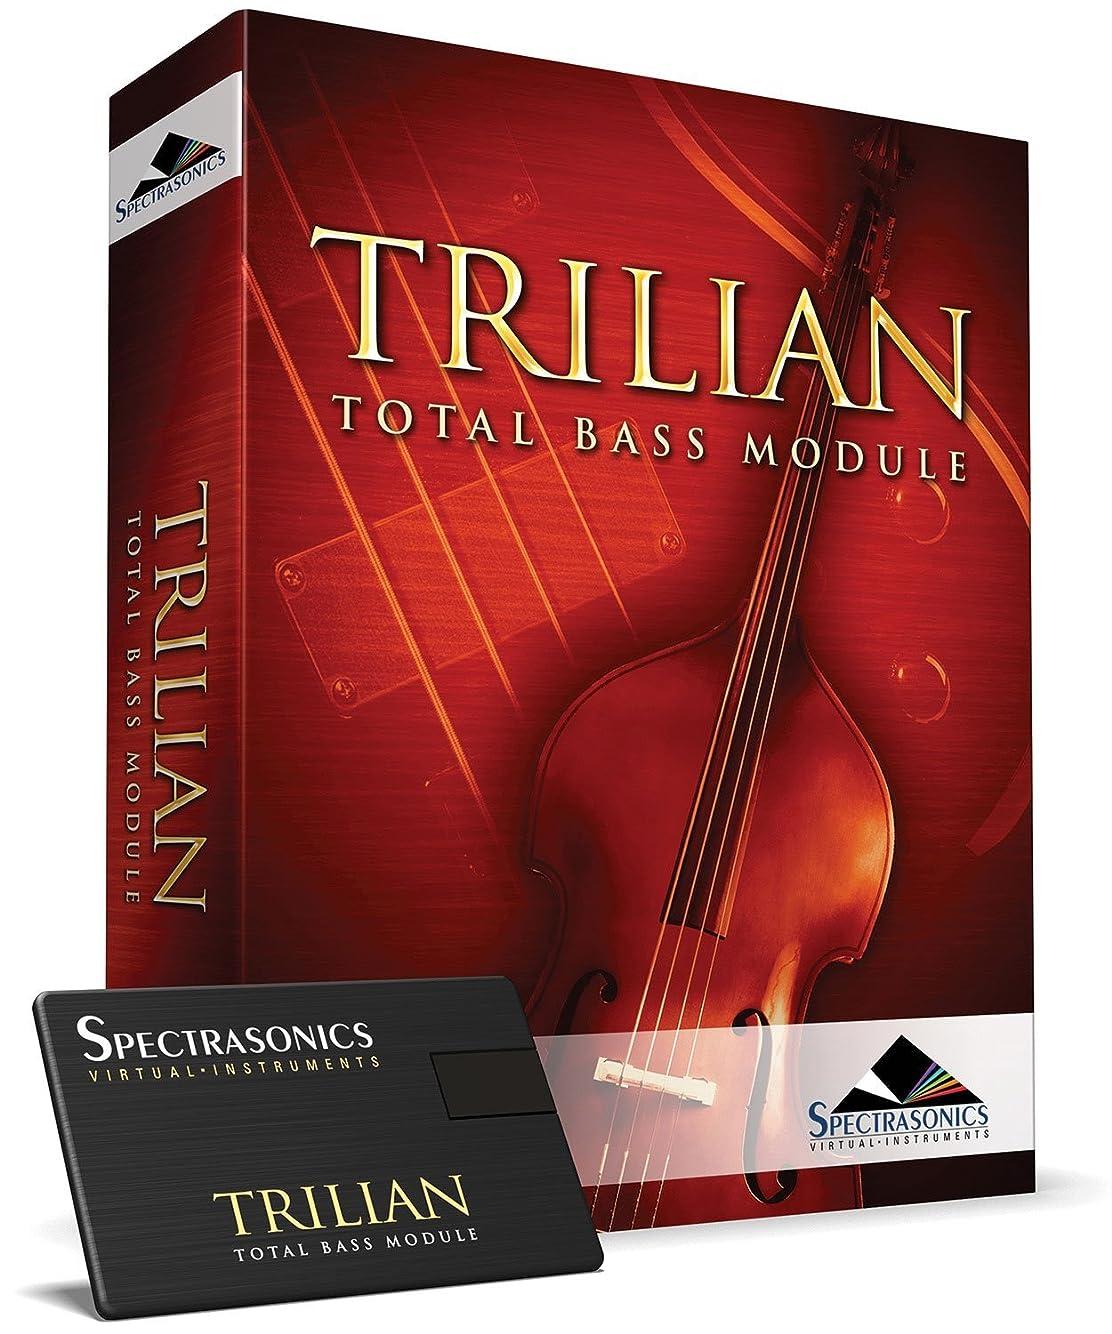 通信網エレベーター彫刻【日本正規品】 Spectrasonics Trilian USB版 ベース音源 プラグインソフト